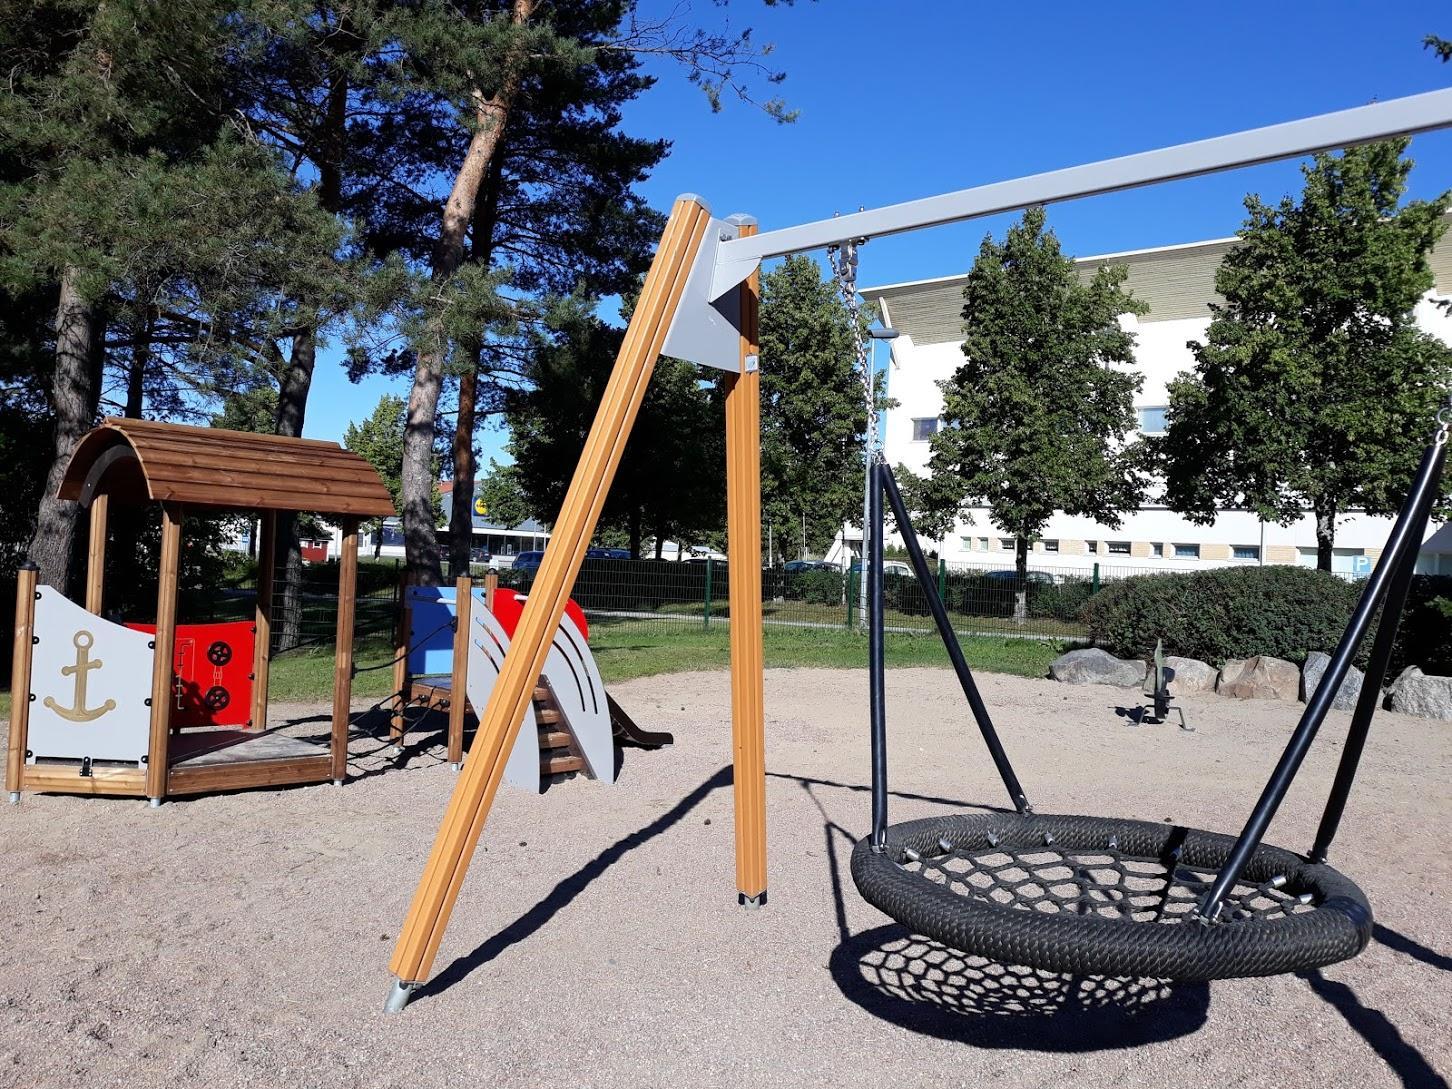 Kääjäntien leikkipuistossa on monipuoliset ja ajanmukaiset leikkivälineet.